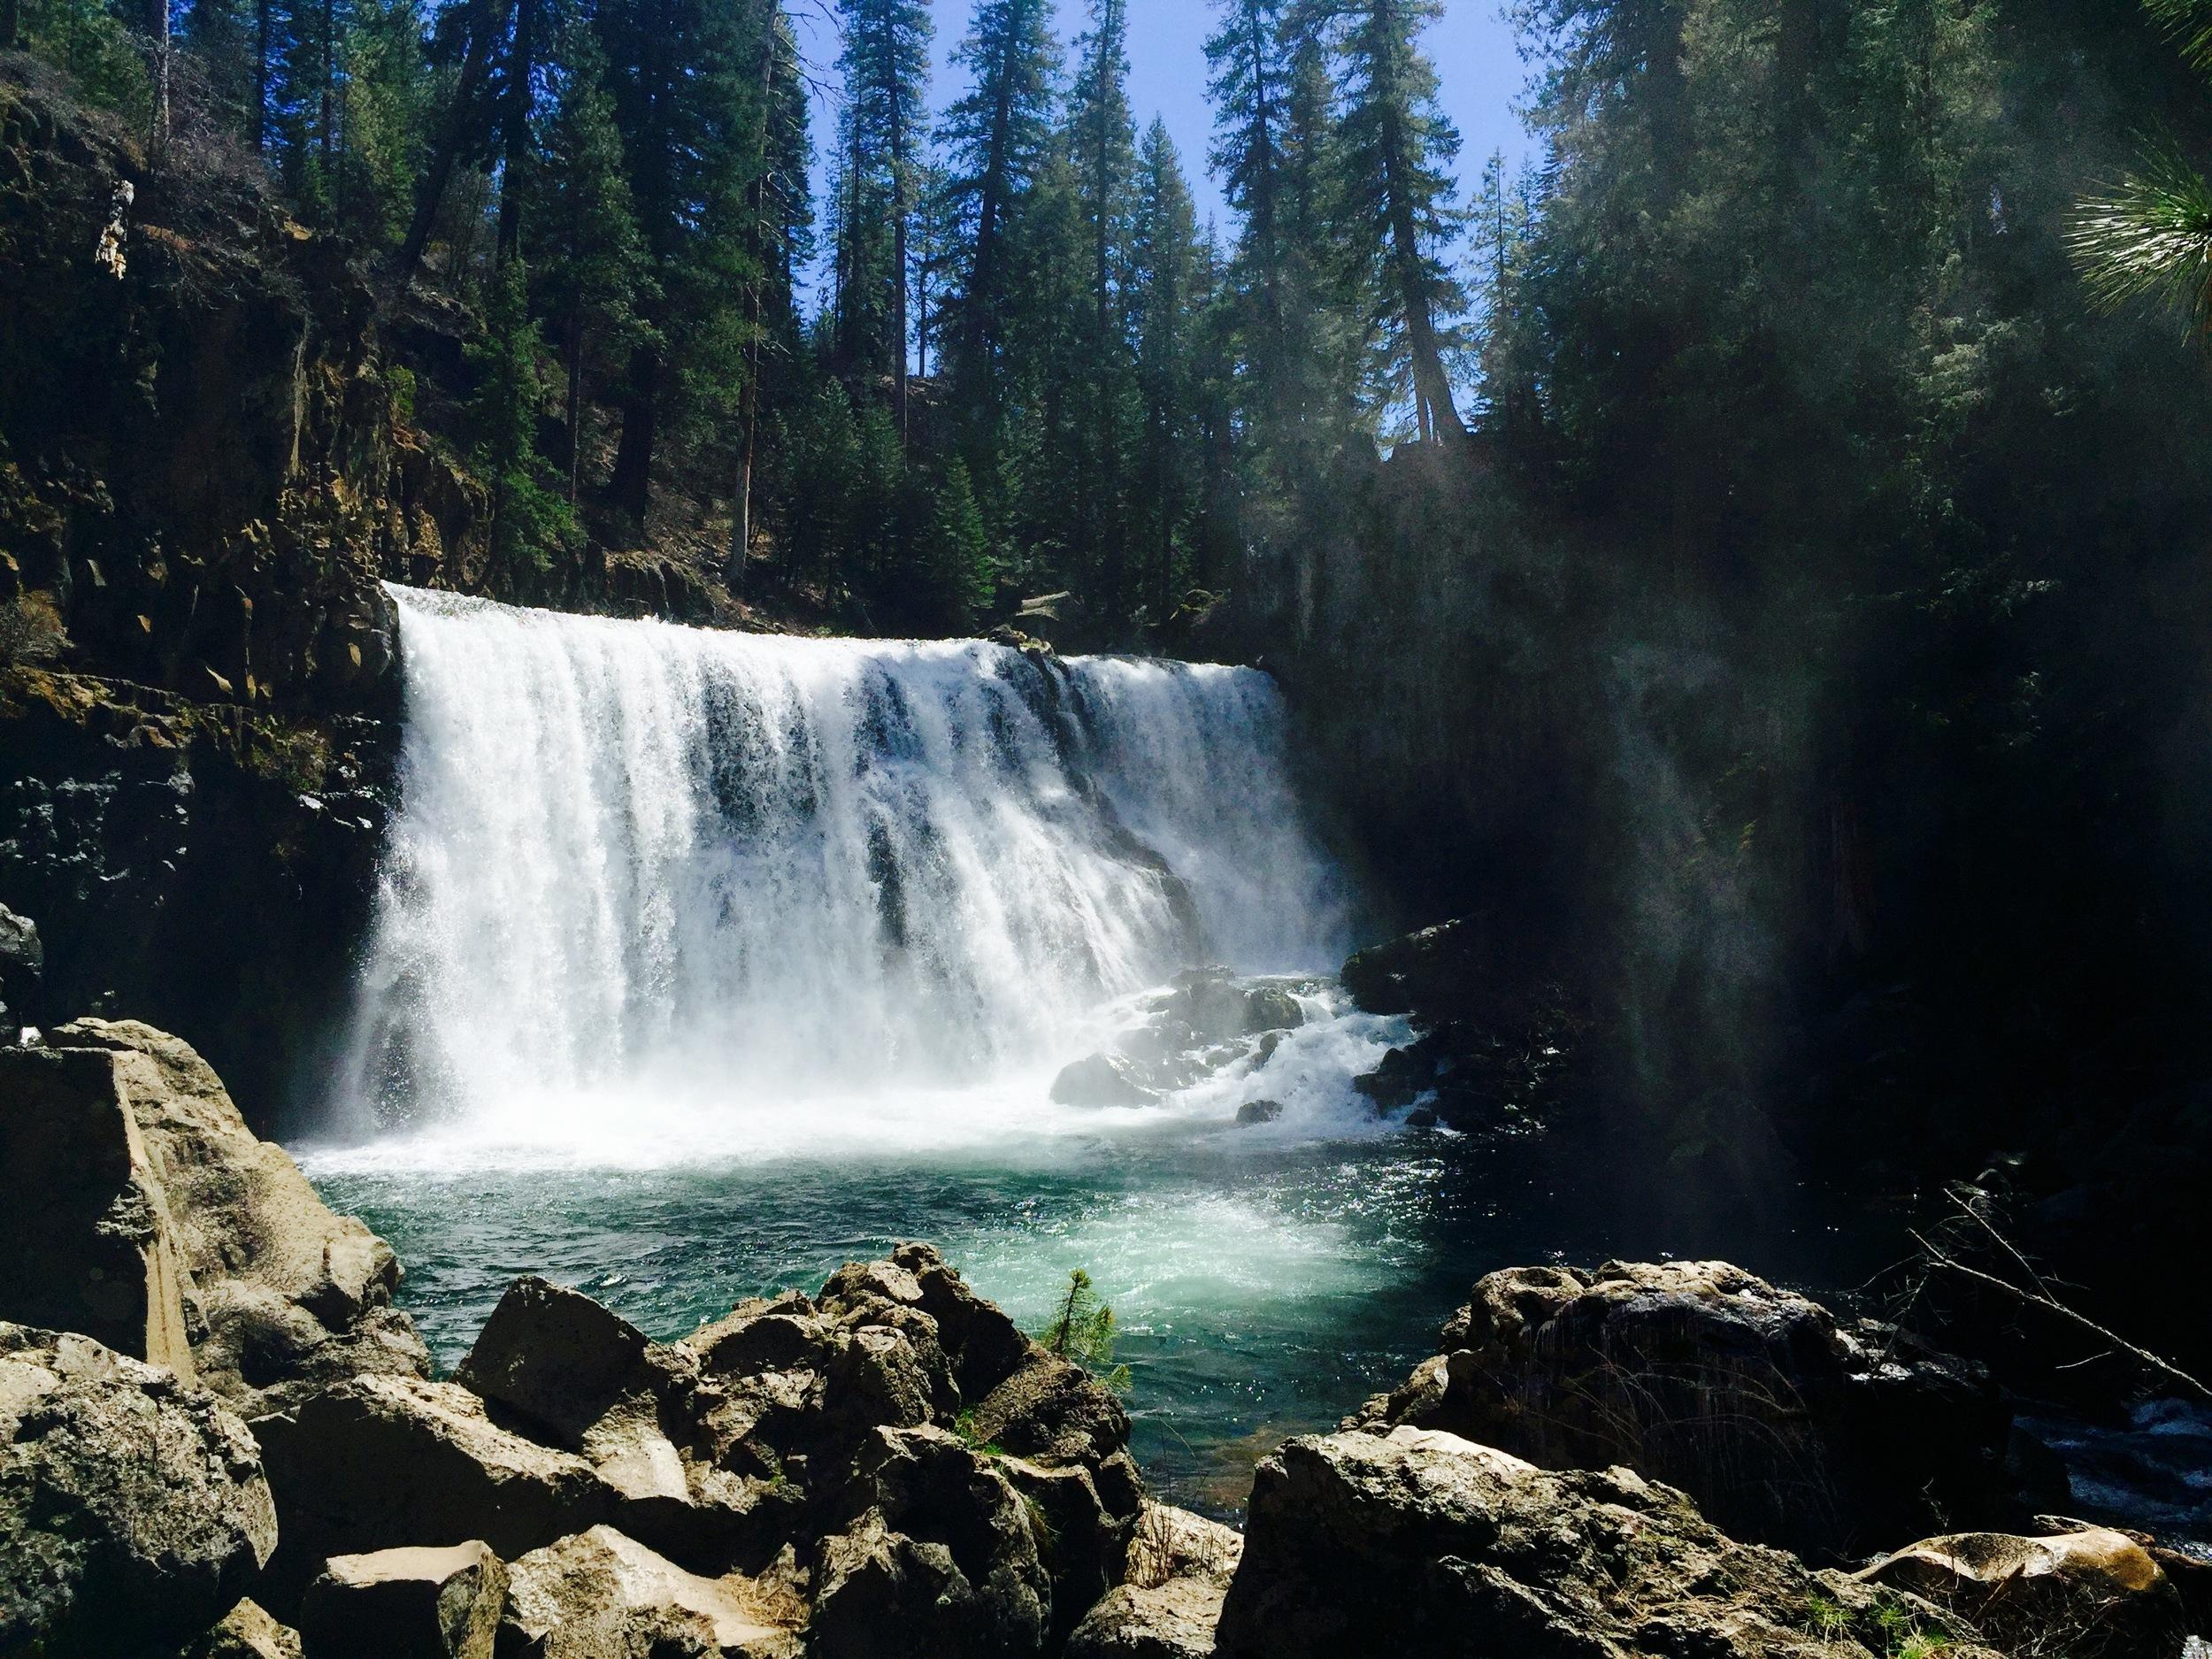 McCloud Falls, less than 30 minutes away